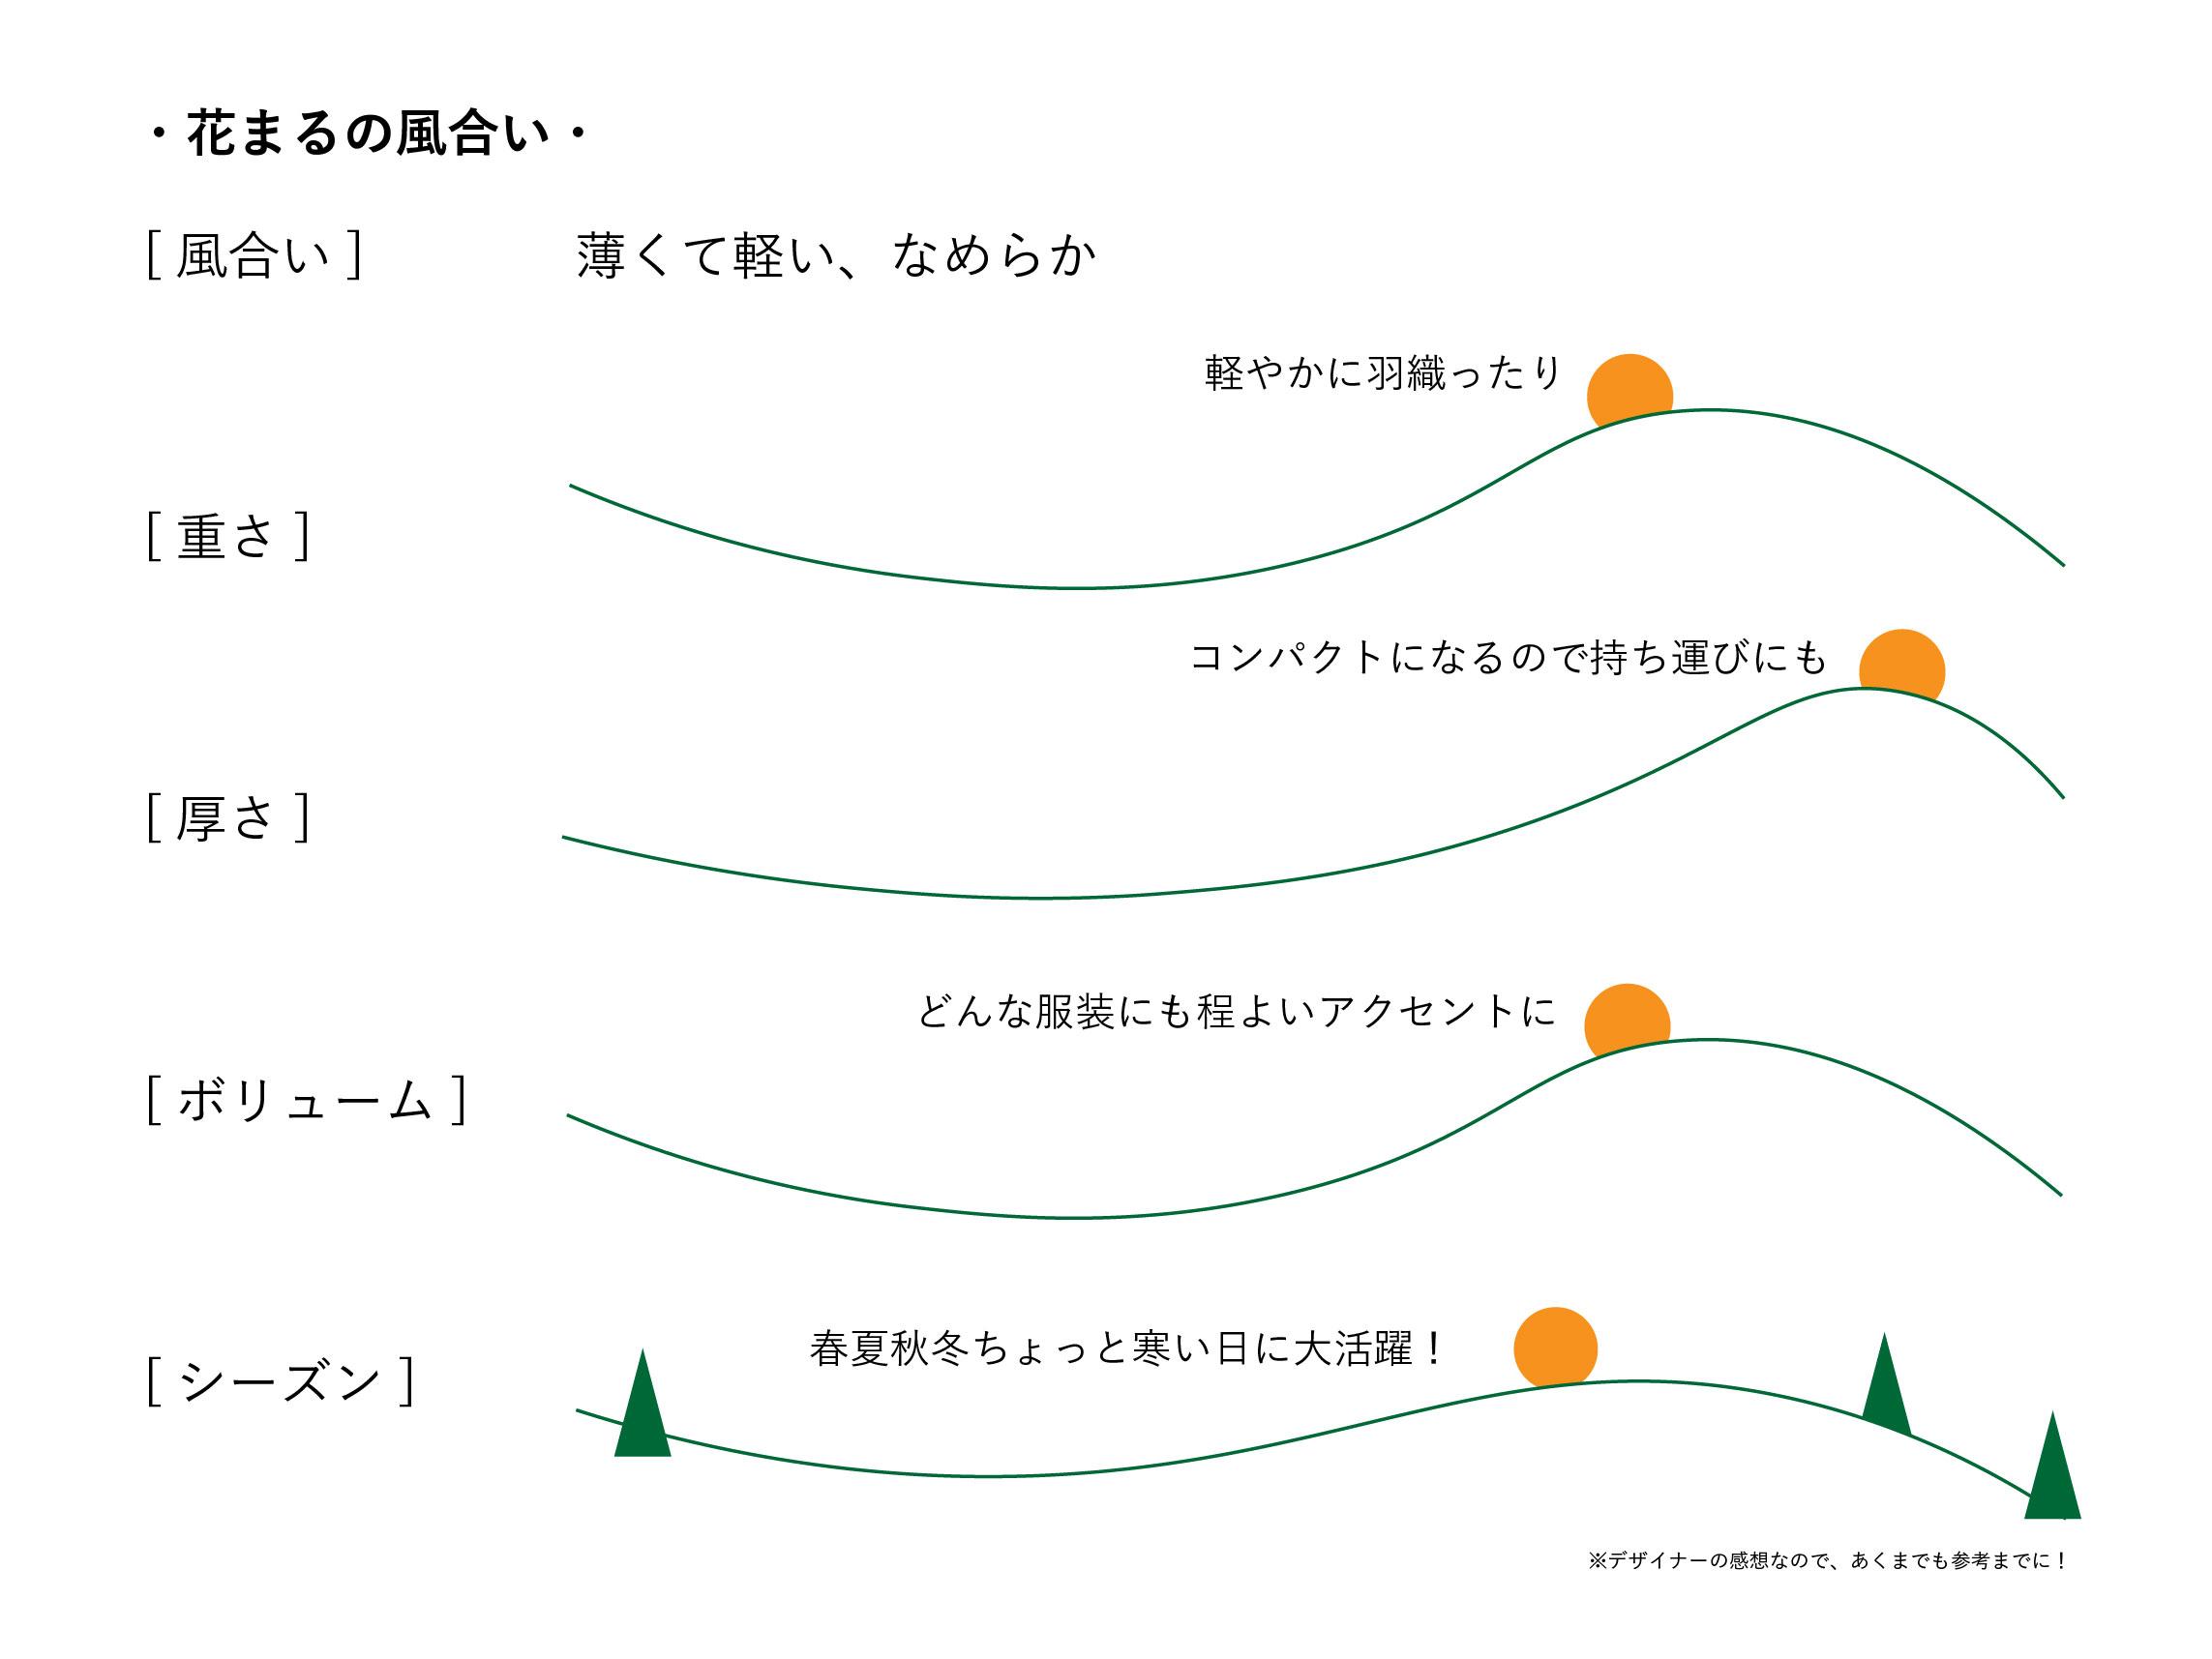 花まる(navy)